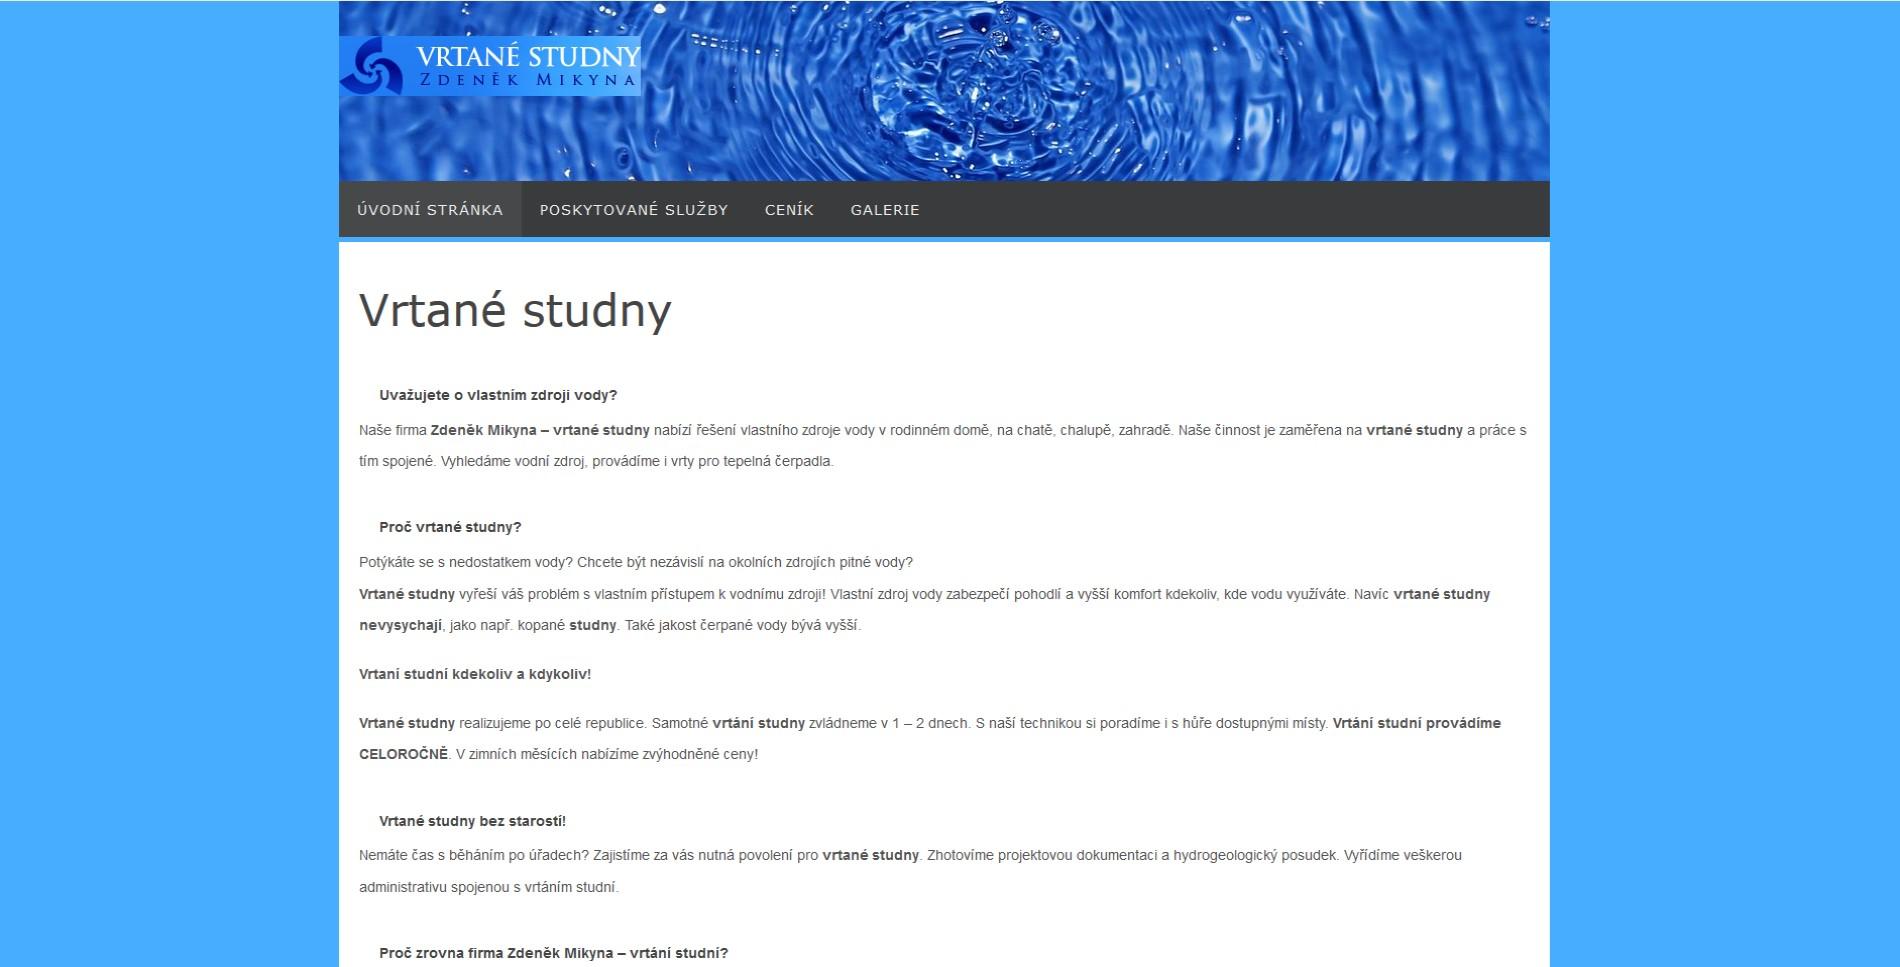 Studny.net